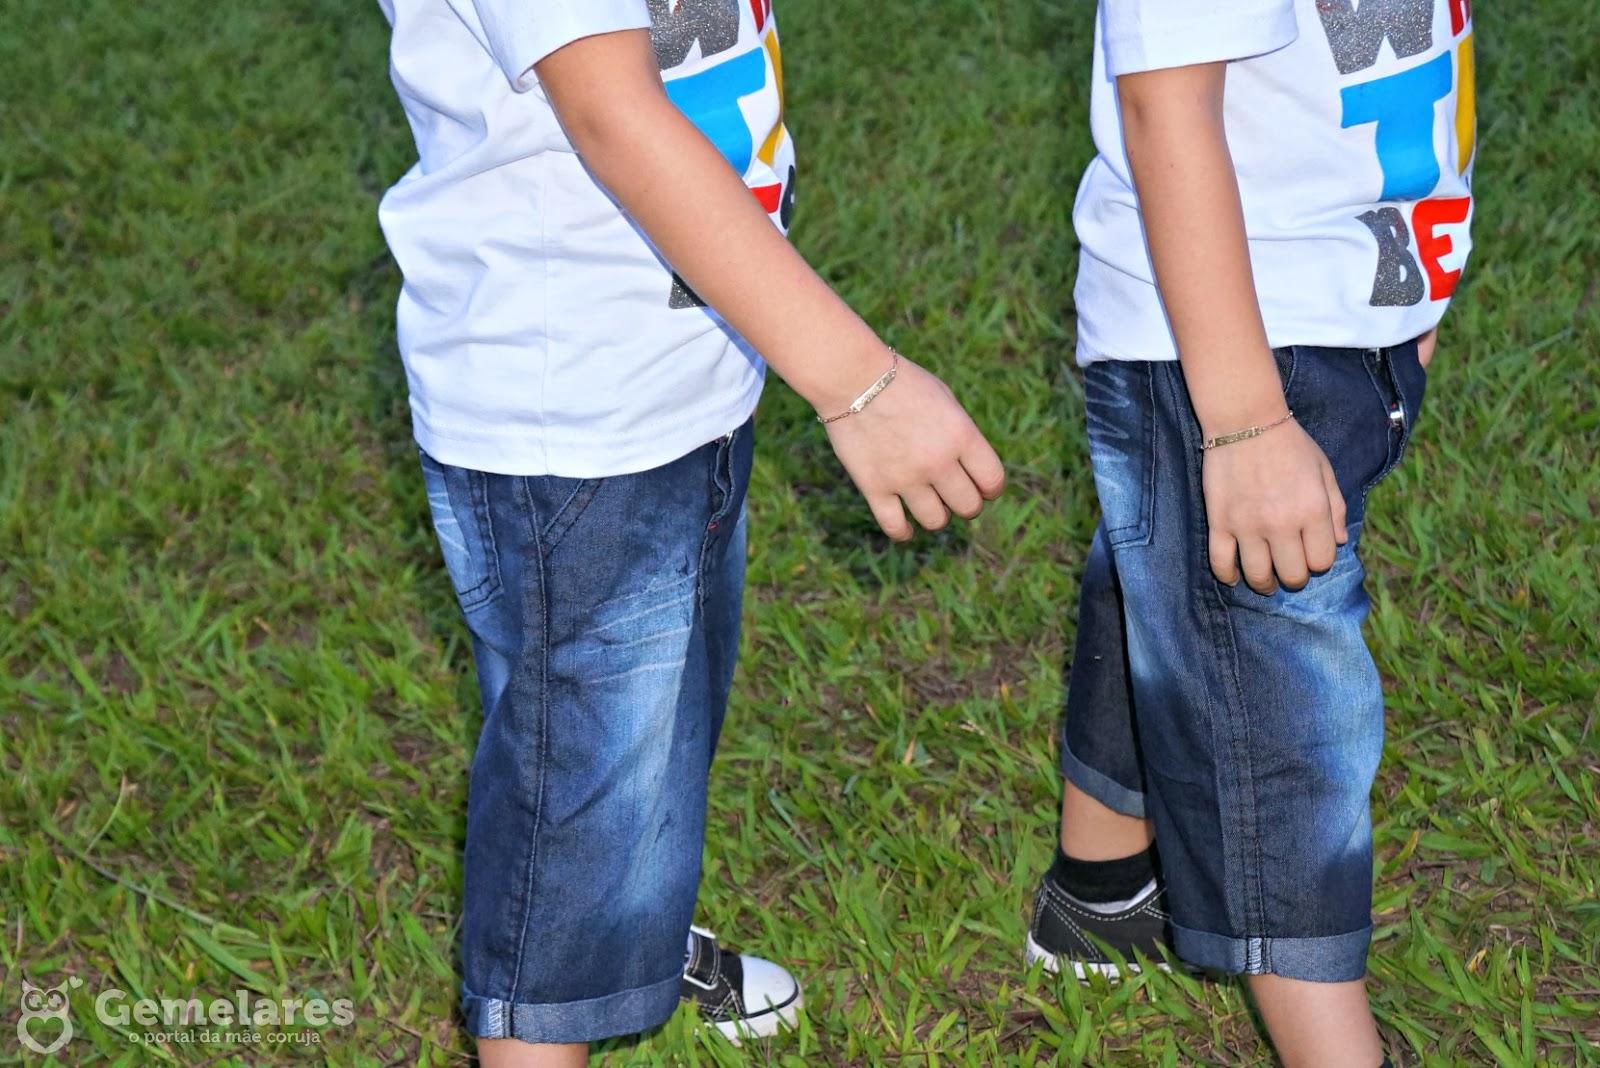 Roupas iguais para gêmeos - Provador Kids